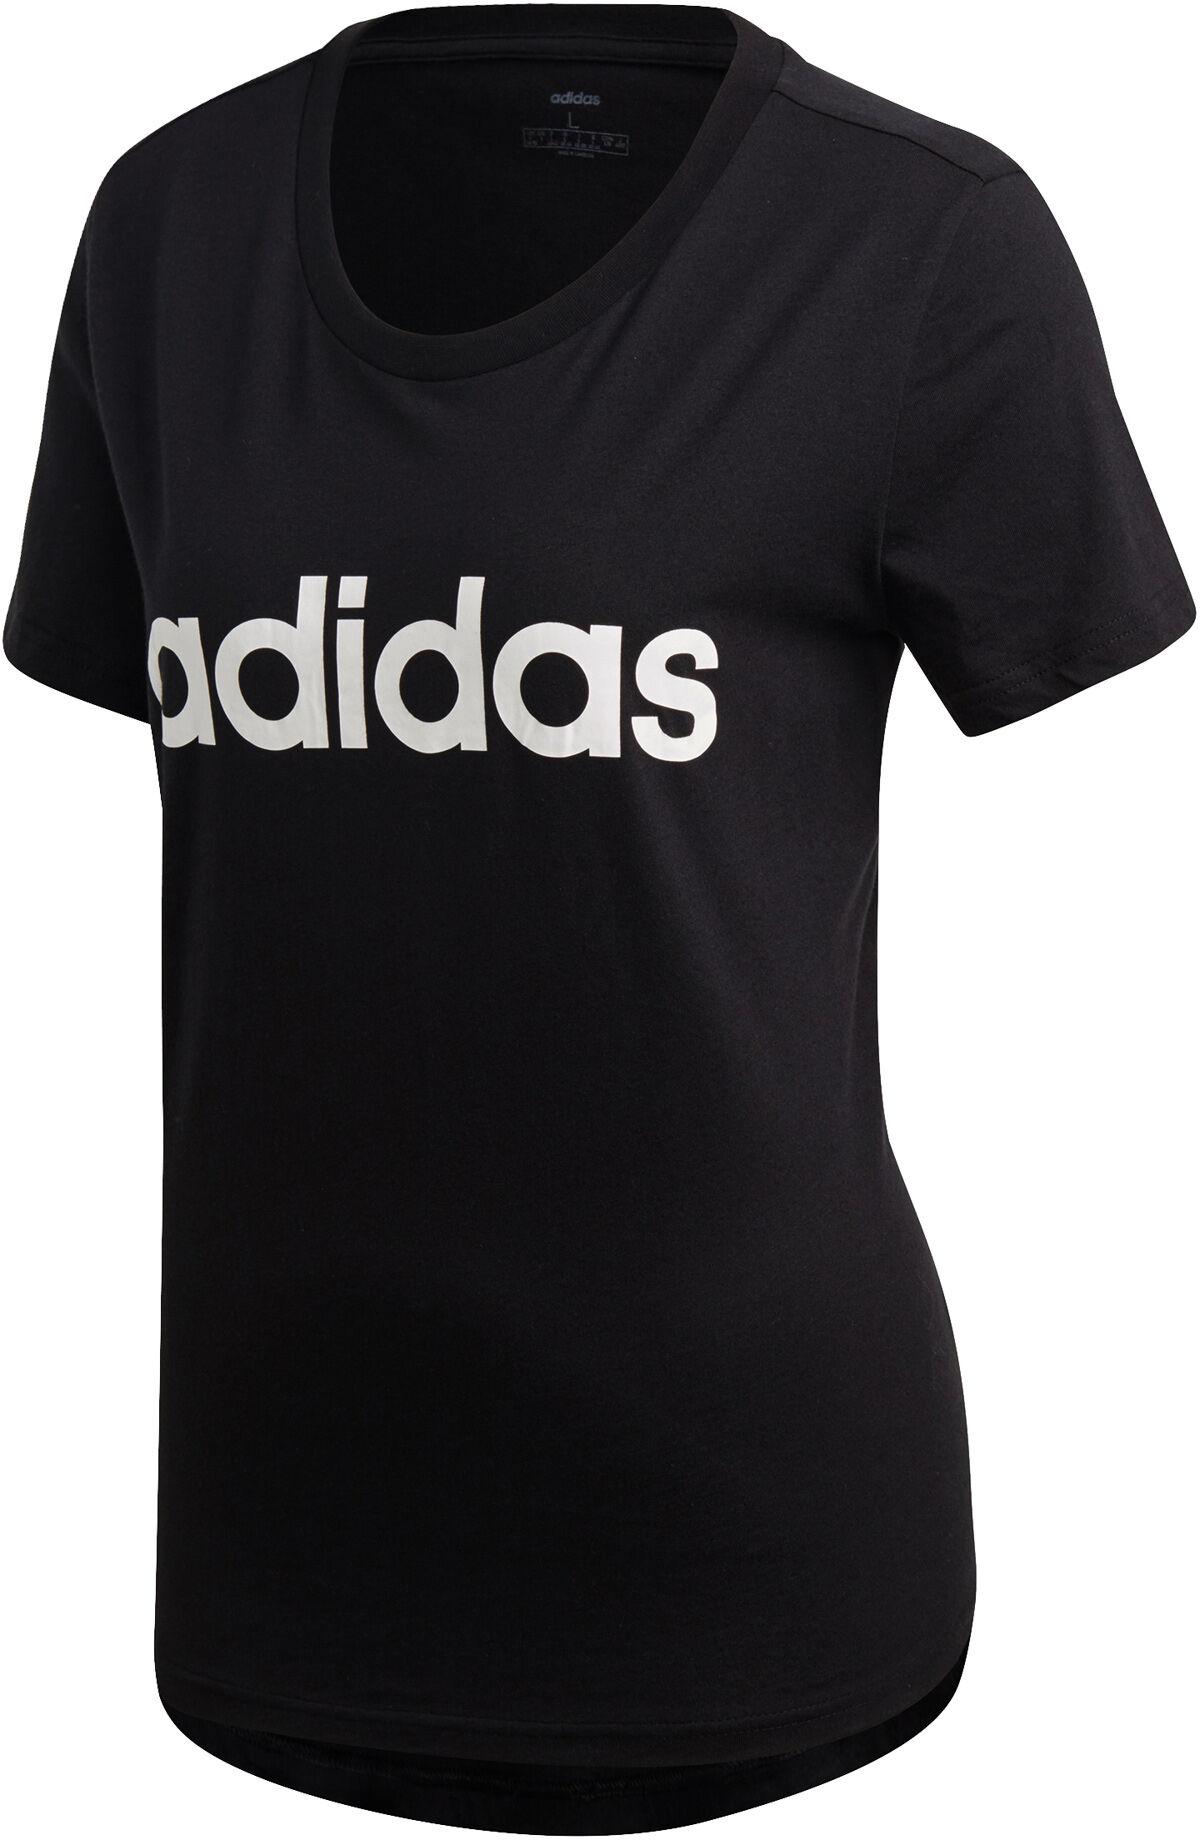 adidas   Essentials Linear t skjorte dame   T skjorter